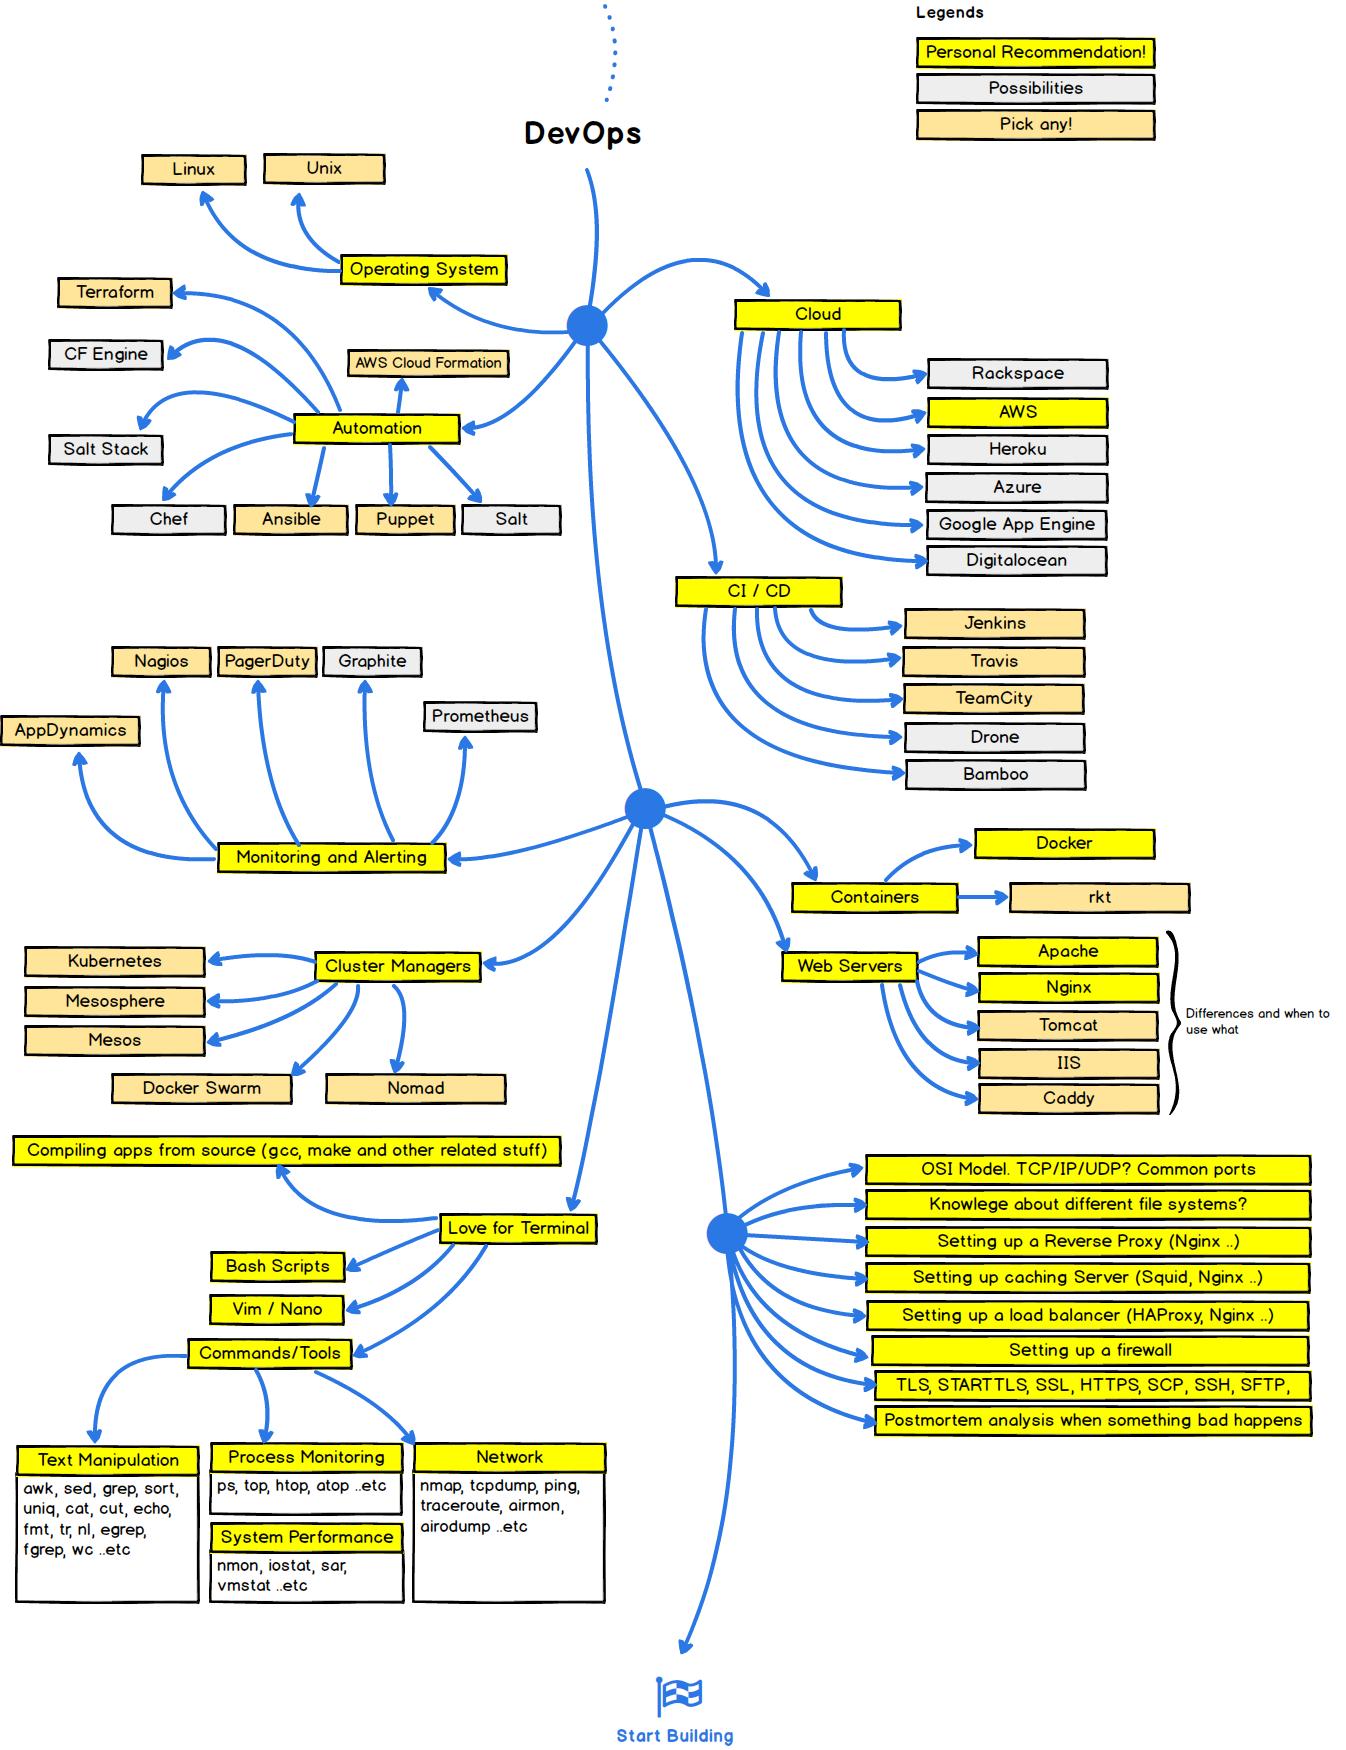 68747470733a2f2f692e696d6775722e636f6d2f6c324b4e4859492e706e67 1346 1750 Web Development Full Stack Developer Web Design Tips